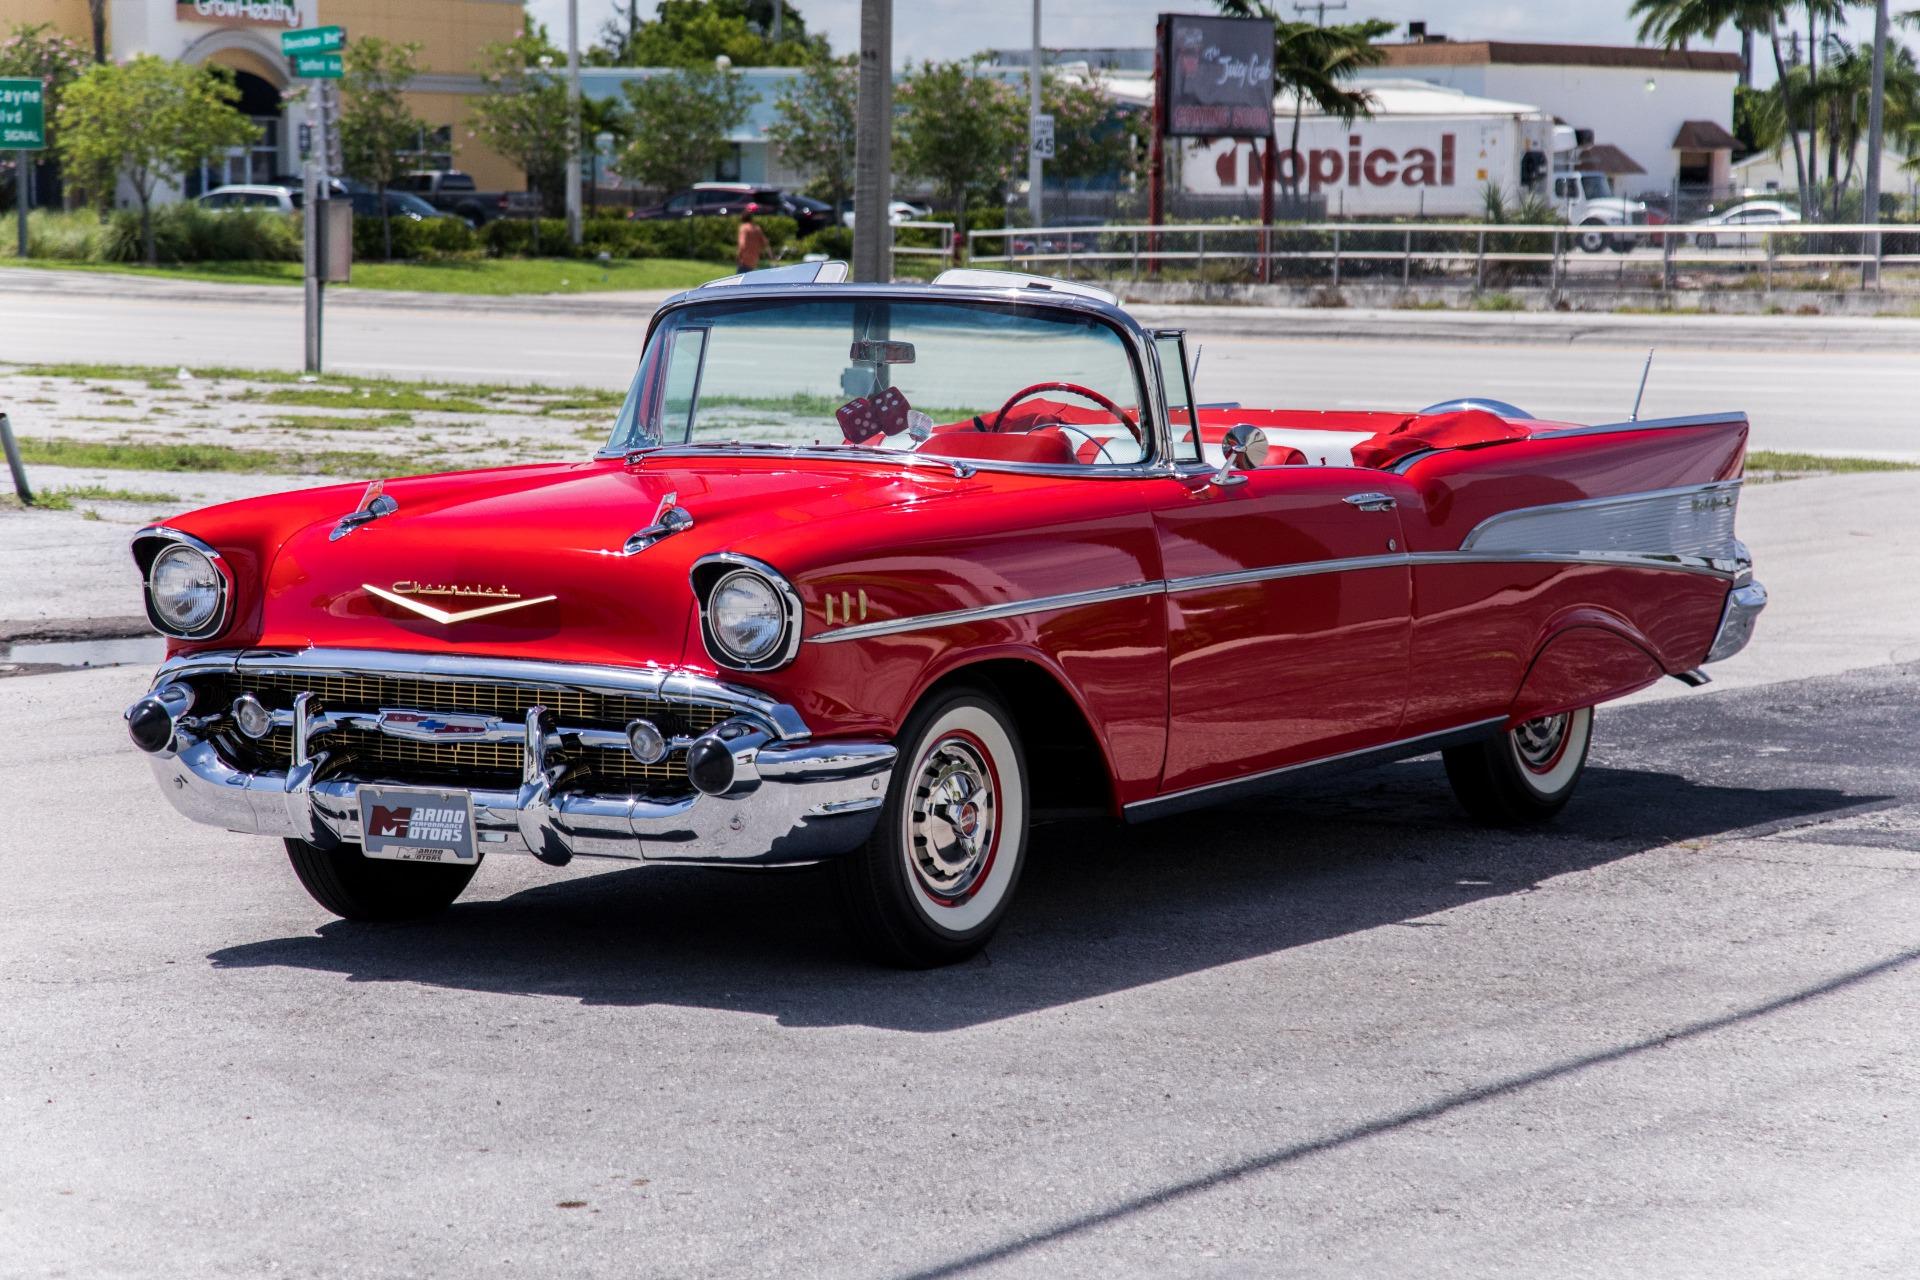 Used-1957-Chevrolet-Bel-Air